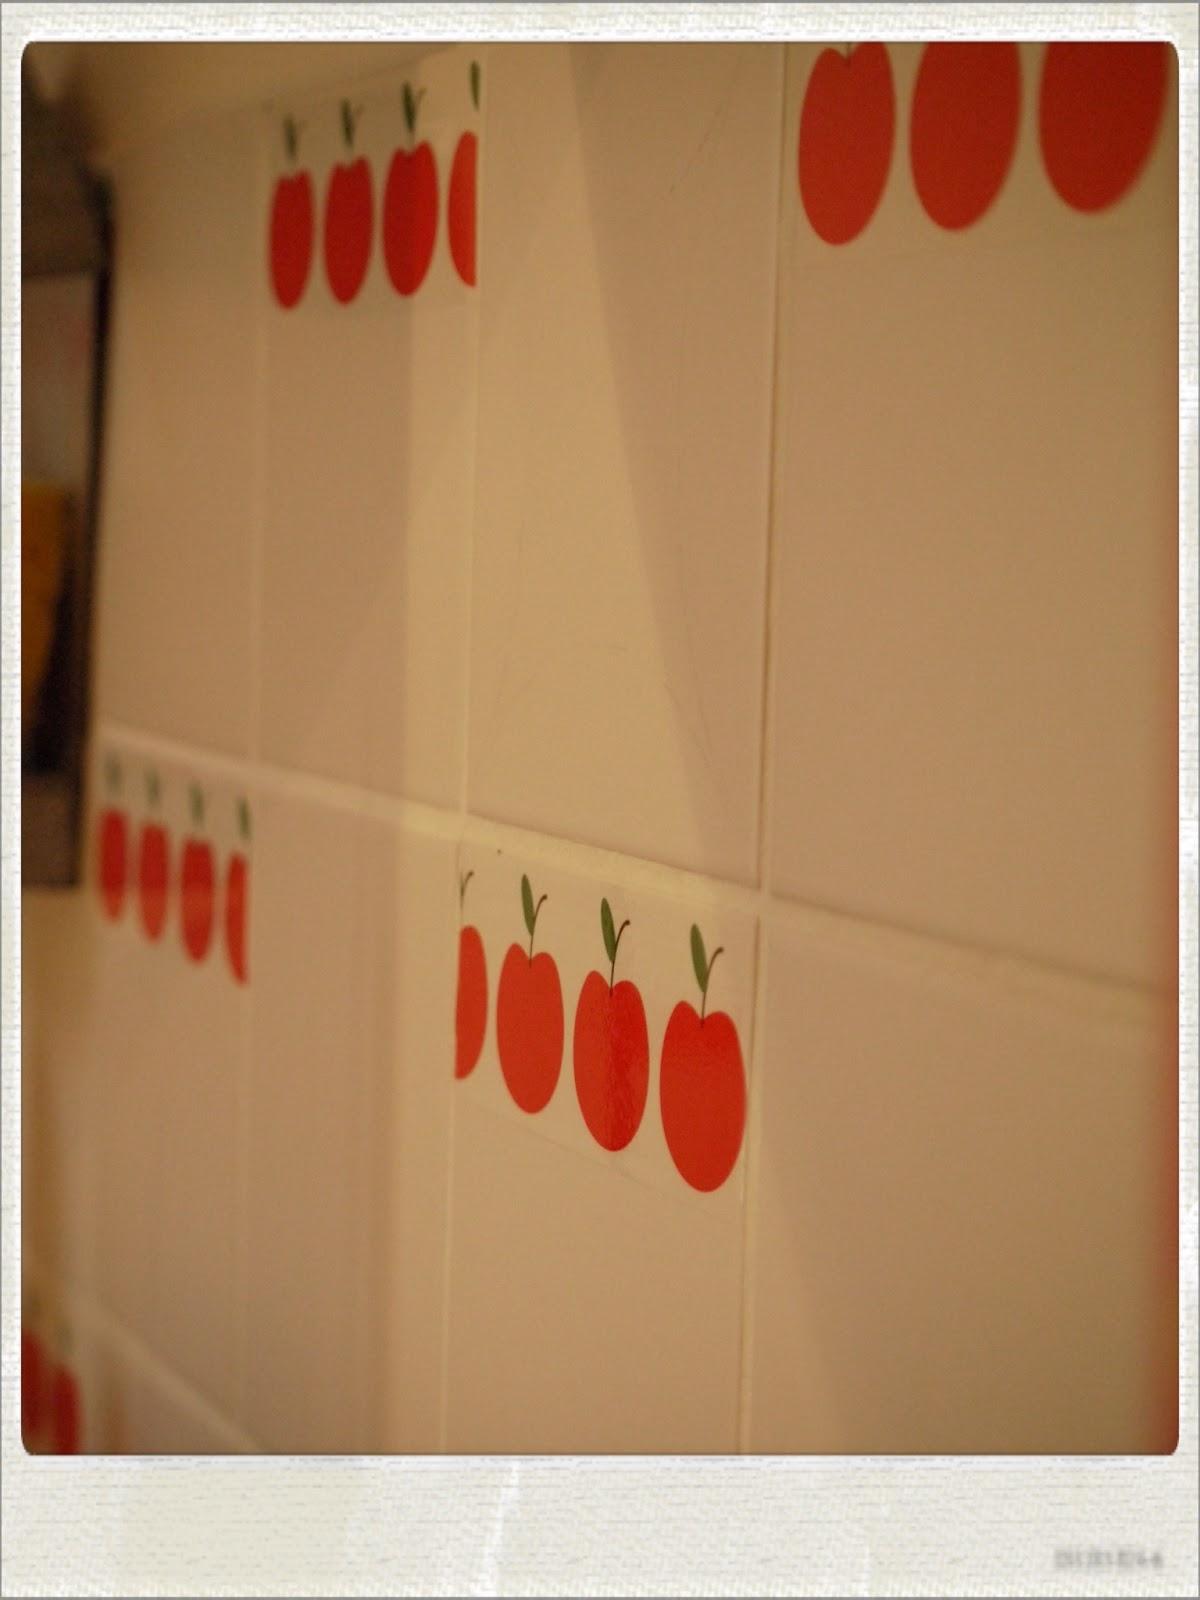 relooker sa credence de cuisine diy aux pommes henkel. Black Bedroom Furniture Sets. Home Design Ideas